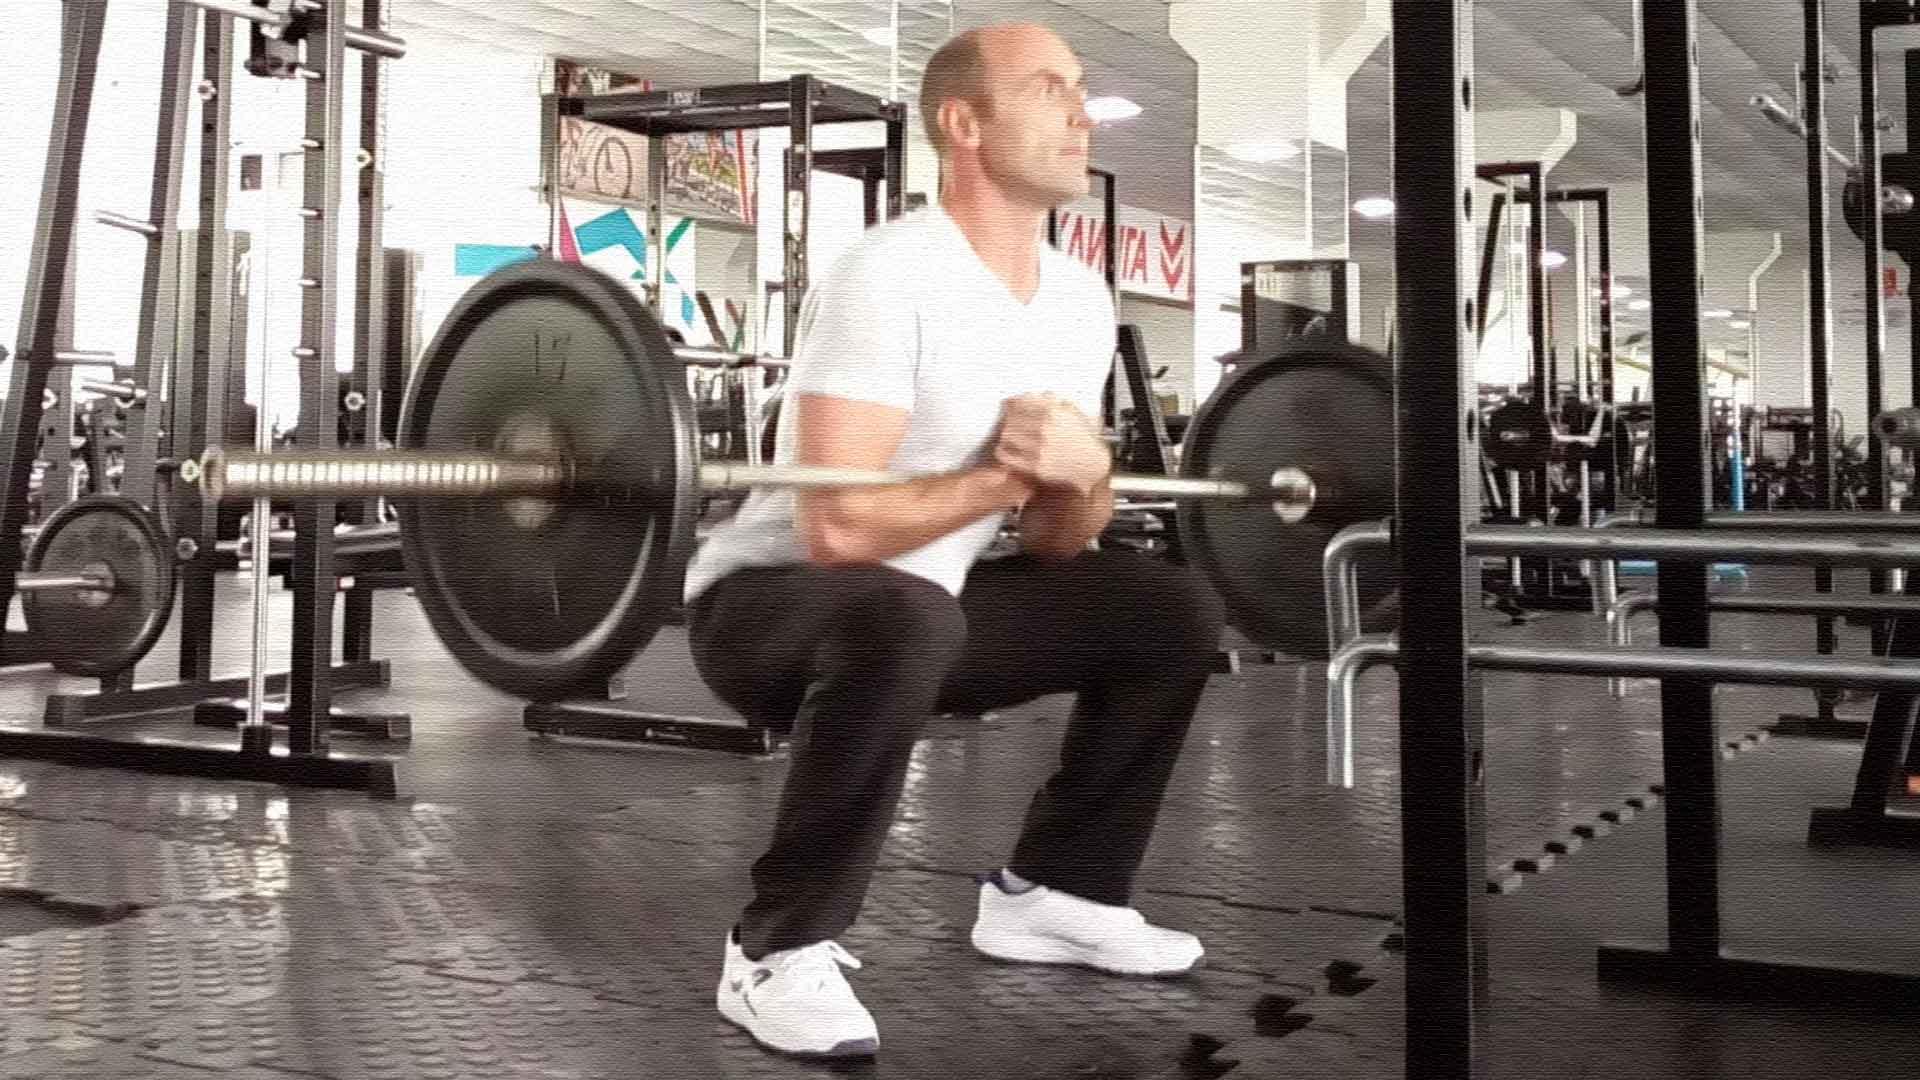 Приседания зерхера  упражнение для развития мышц ног